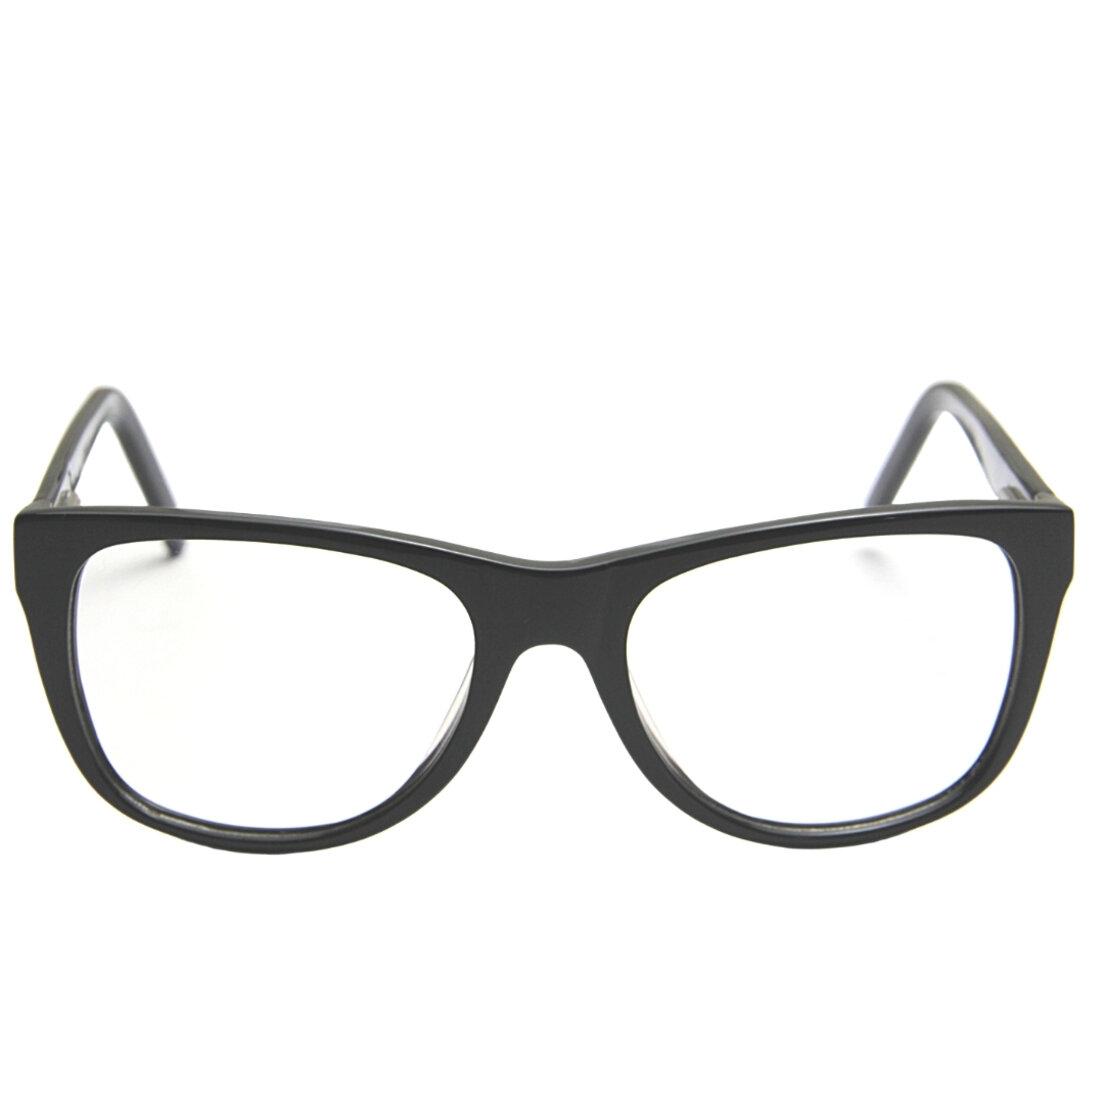 Armação de Óculos Khatto Direct Personality - C112